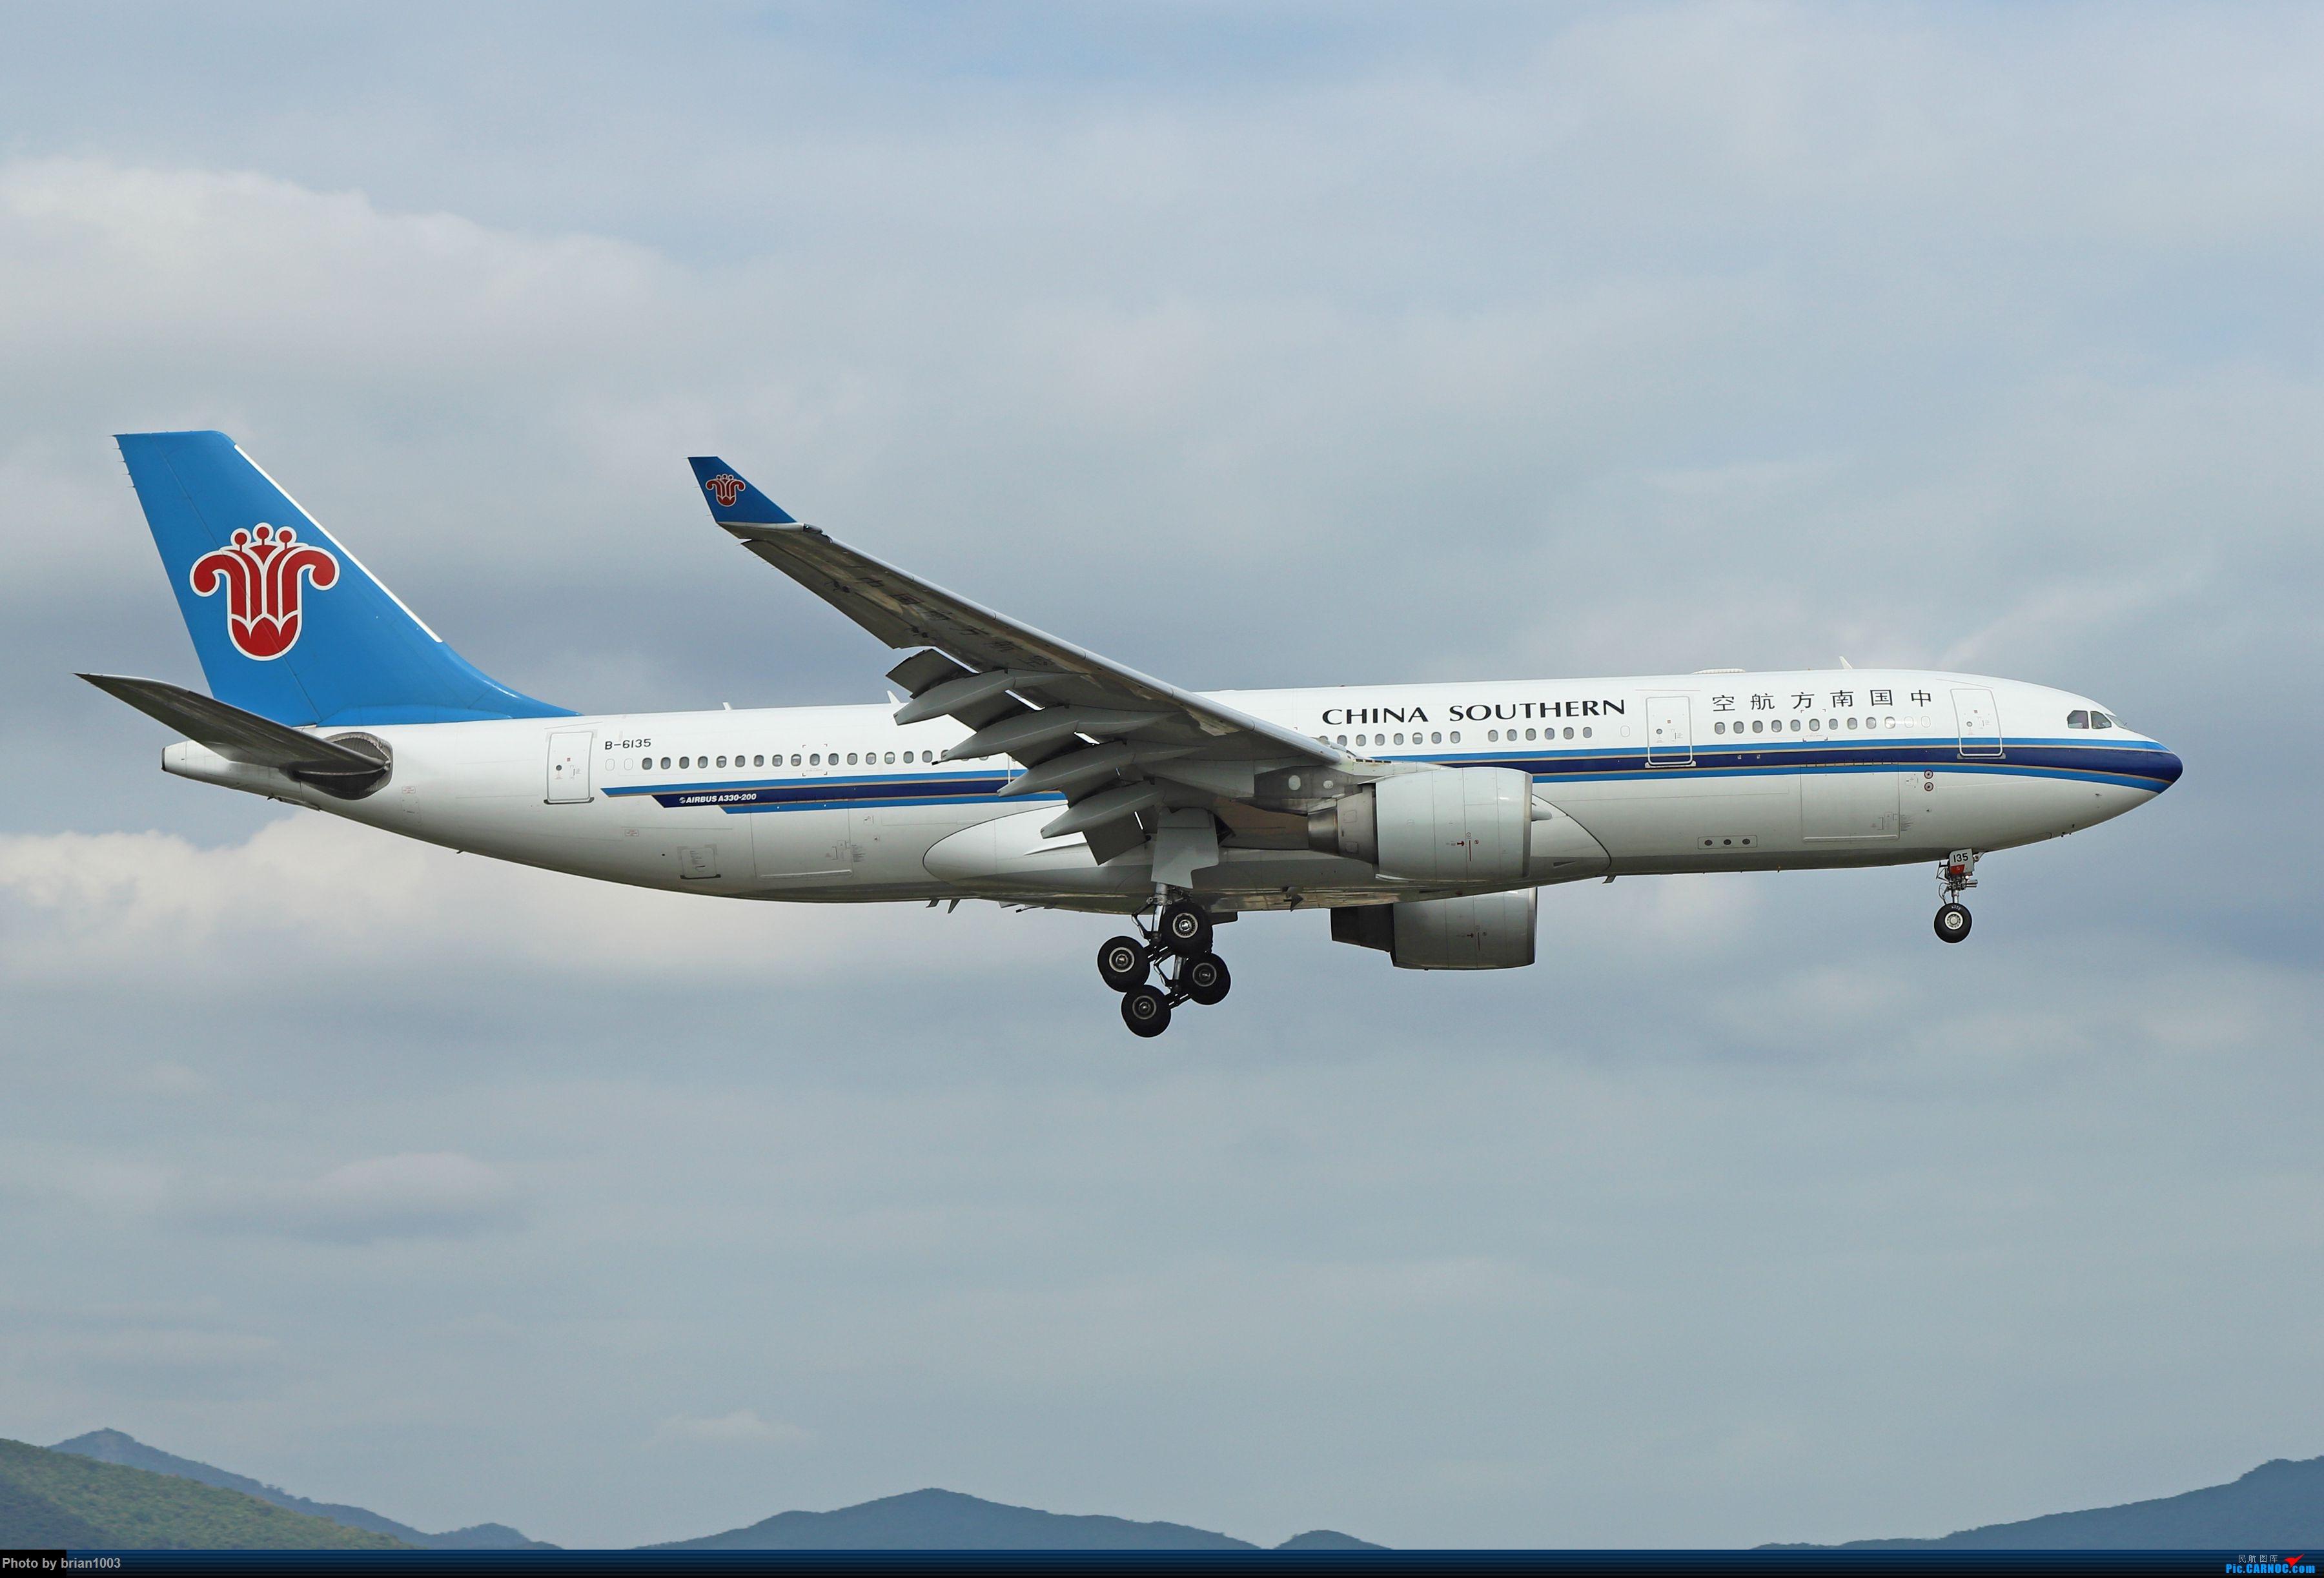 Re:[原创]CZ3347-CZ6734-HU7659,忙里偷闲的三亚拍机之行 AIRBUS A330-200 B-6135 中国三亚凤凰国际机场